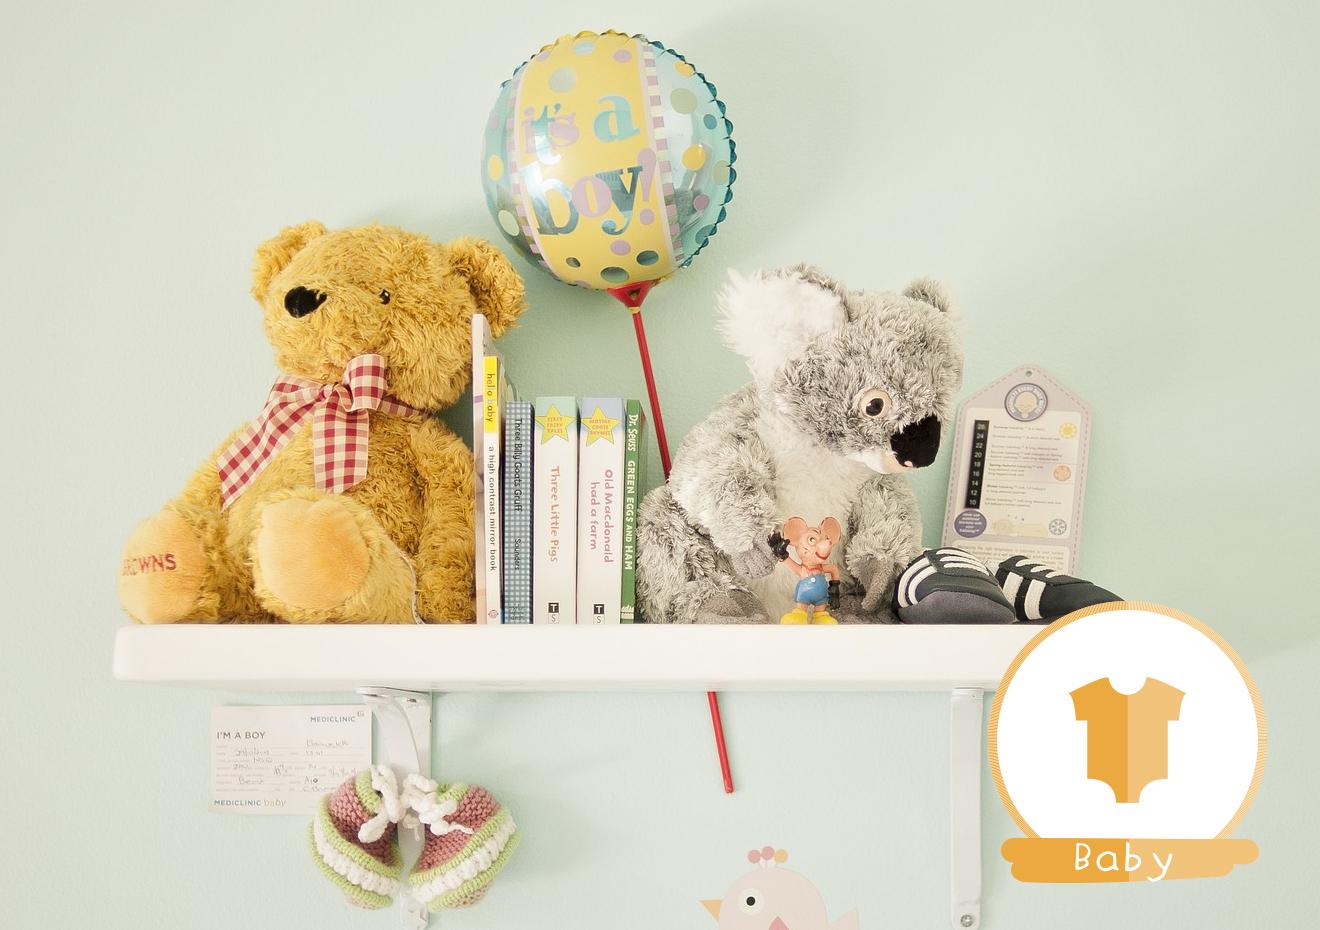 Kleine Babykamer Inrichten : Tips inrichting kleine babykamer u love bemama